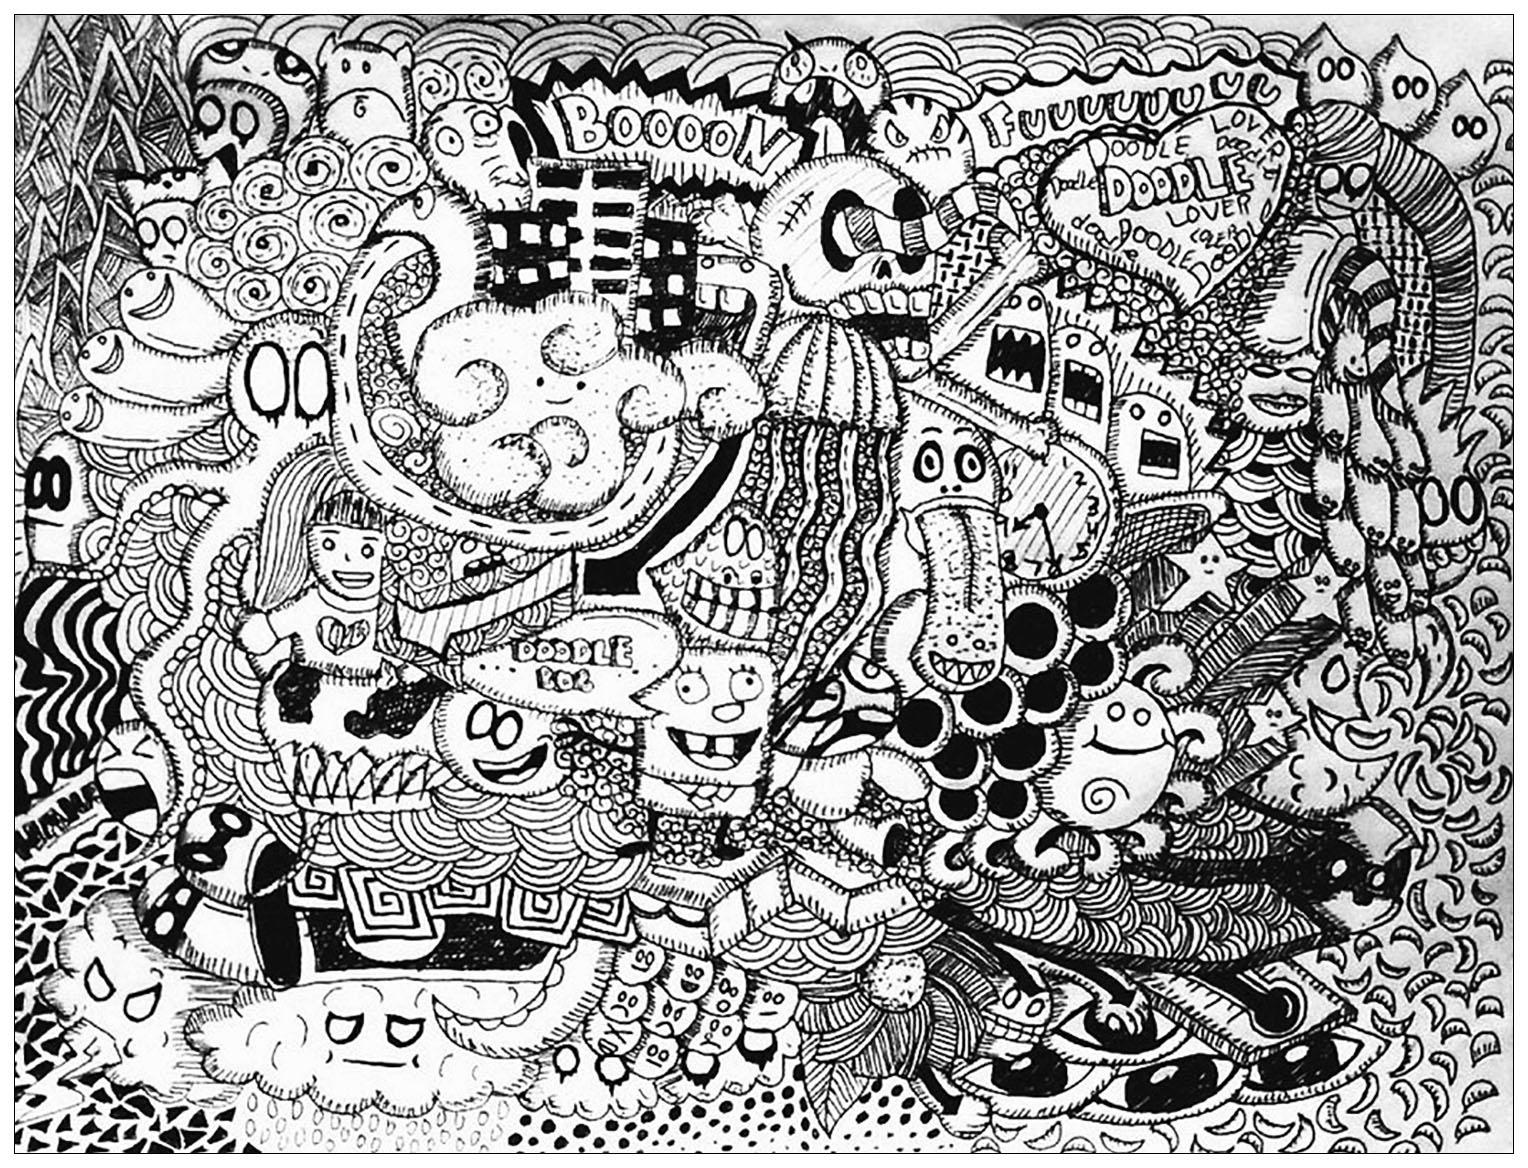 Colorear para adultos : Doodle art / Doodling - 26